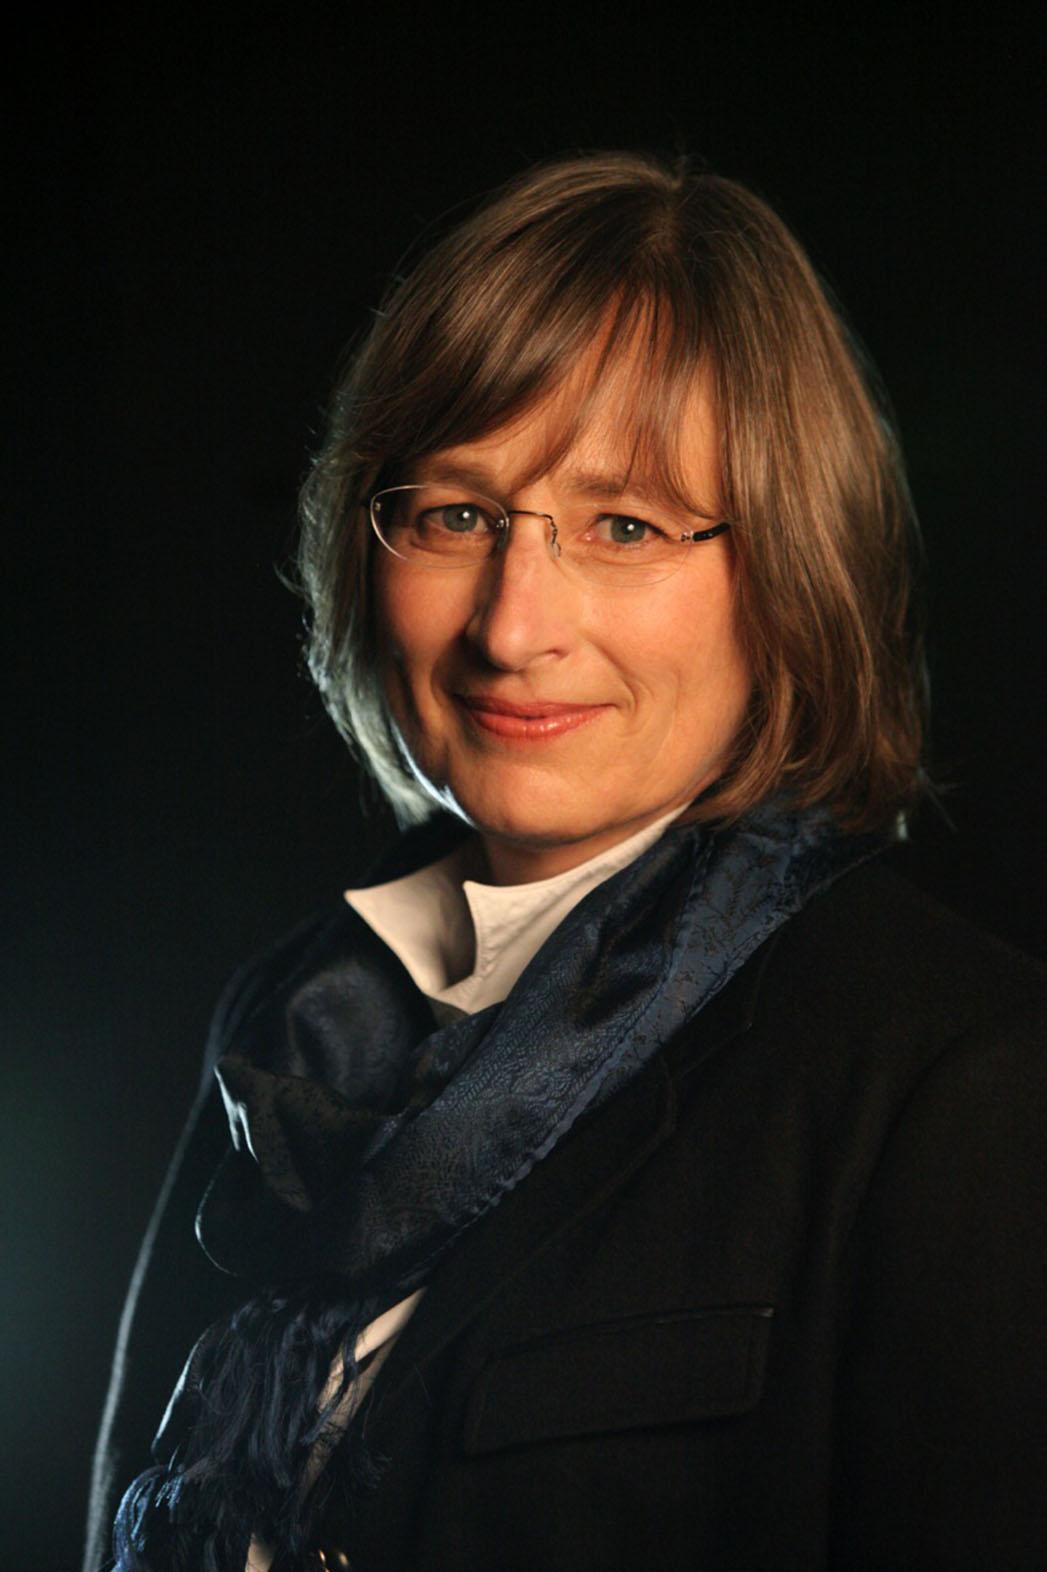 Sharon Calahan - P 2014